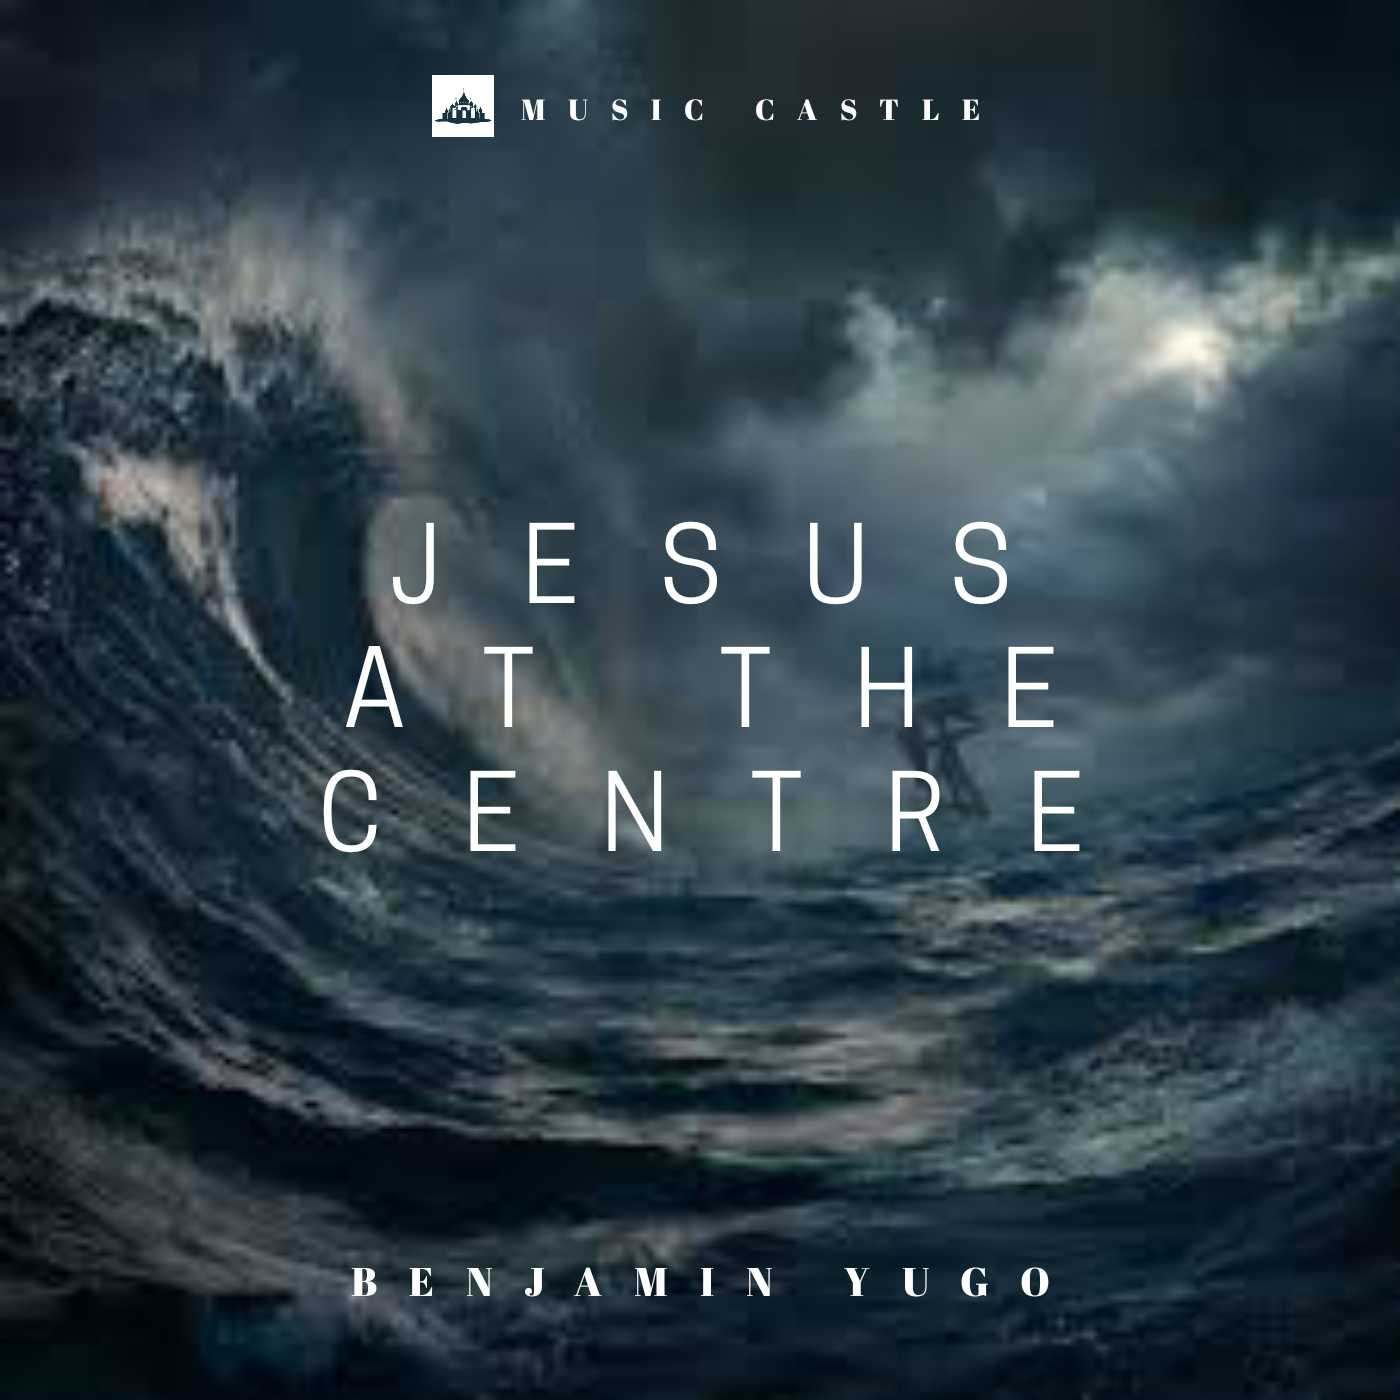 JESUS AT THE CENTRE - Benjamin Yugo  [@benjaminyugo]